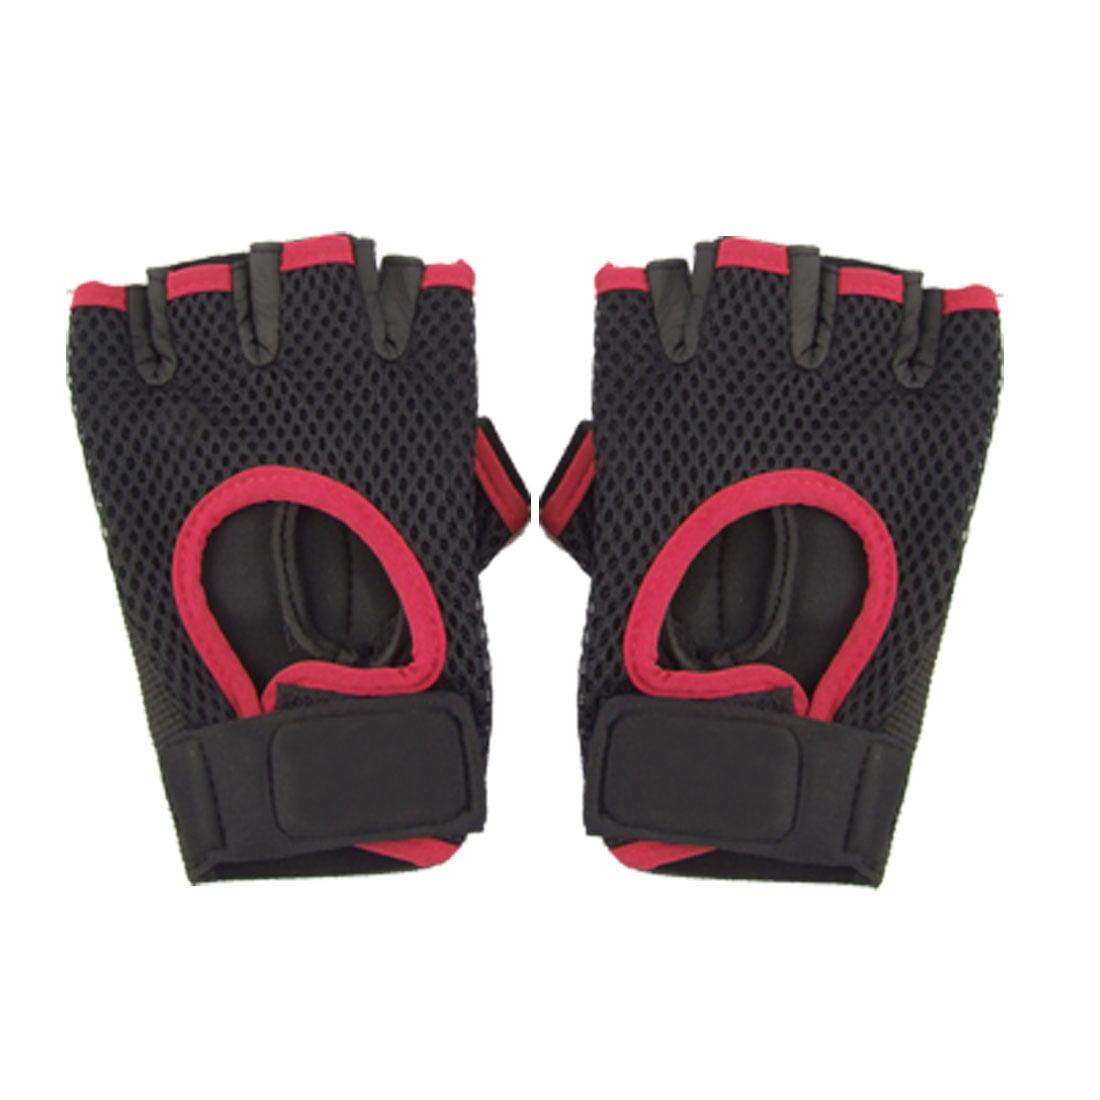 Neoprene Elastic Men Half Finger Gloves for Riding Fitness Weightlifting